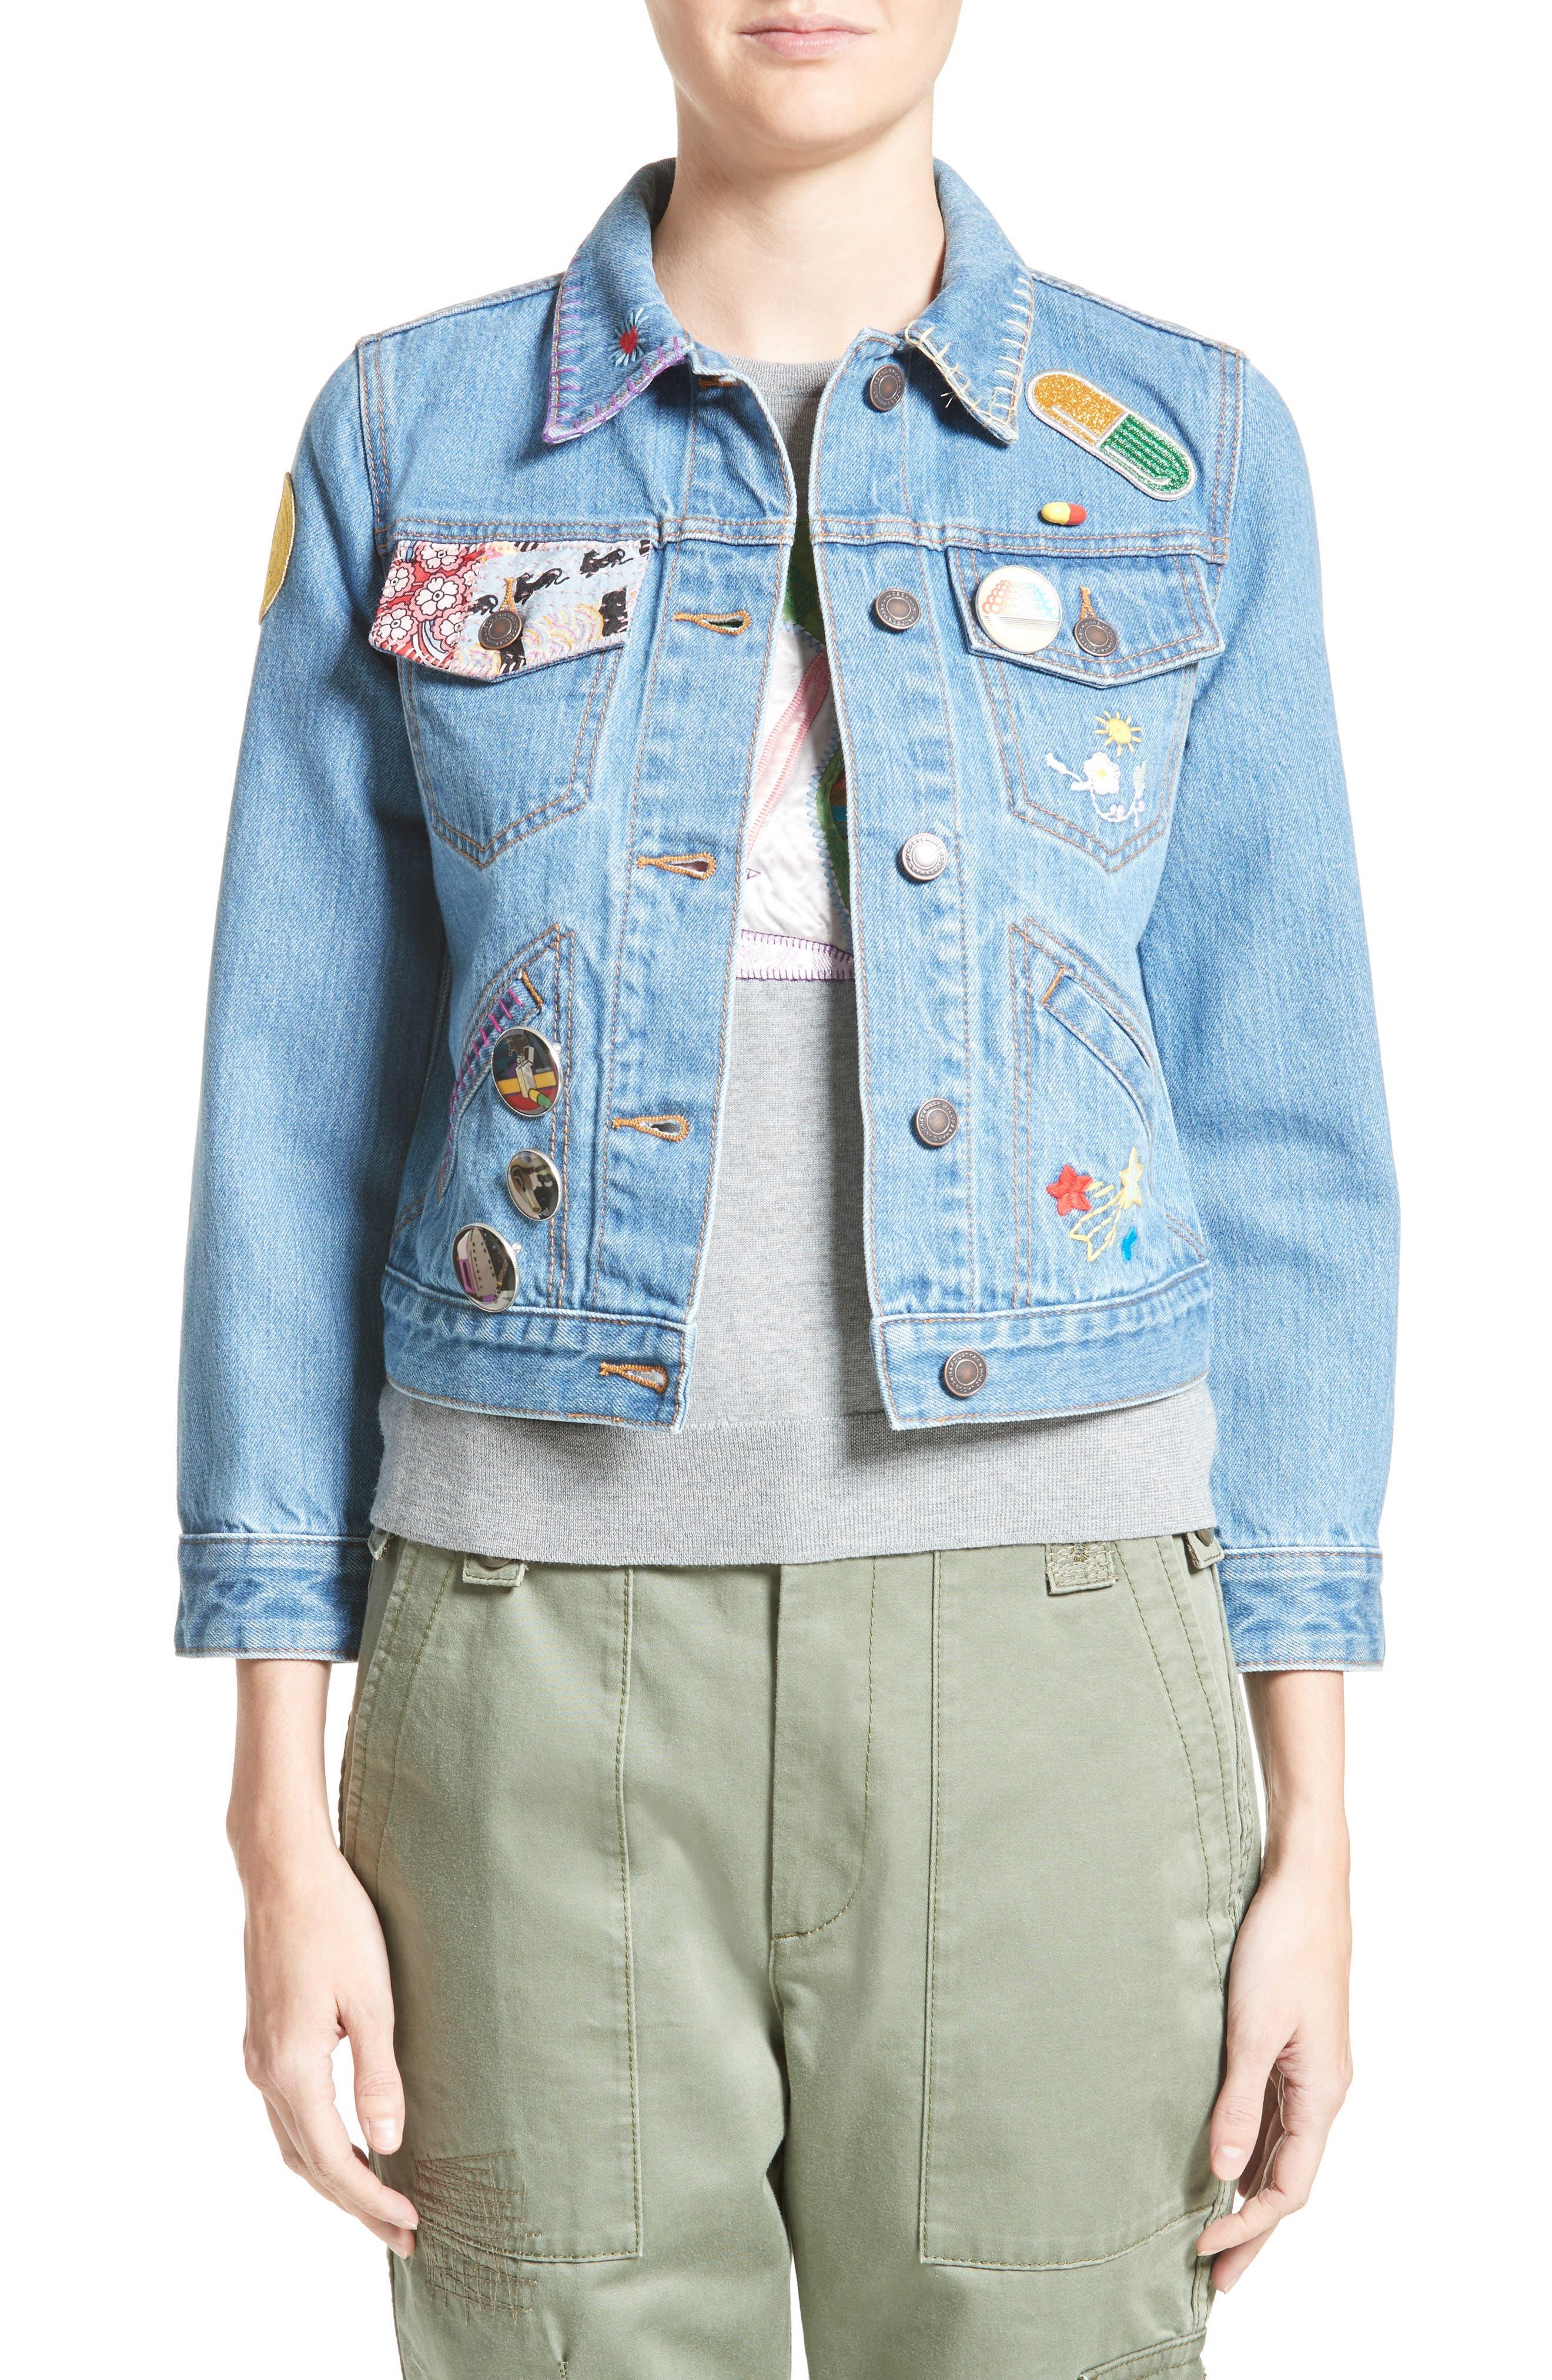 MARC JACOBS Embellished Shrunken Denim Jacket